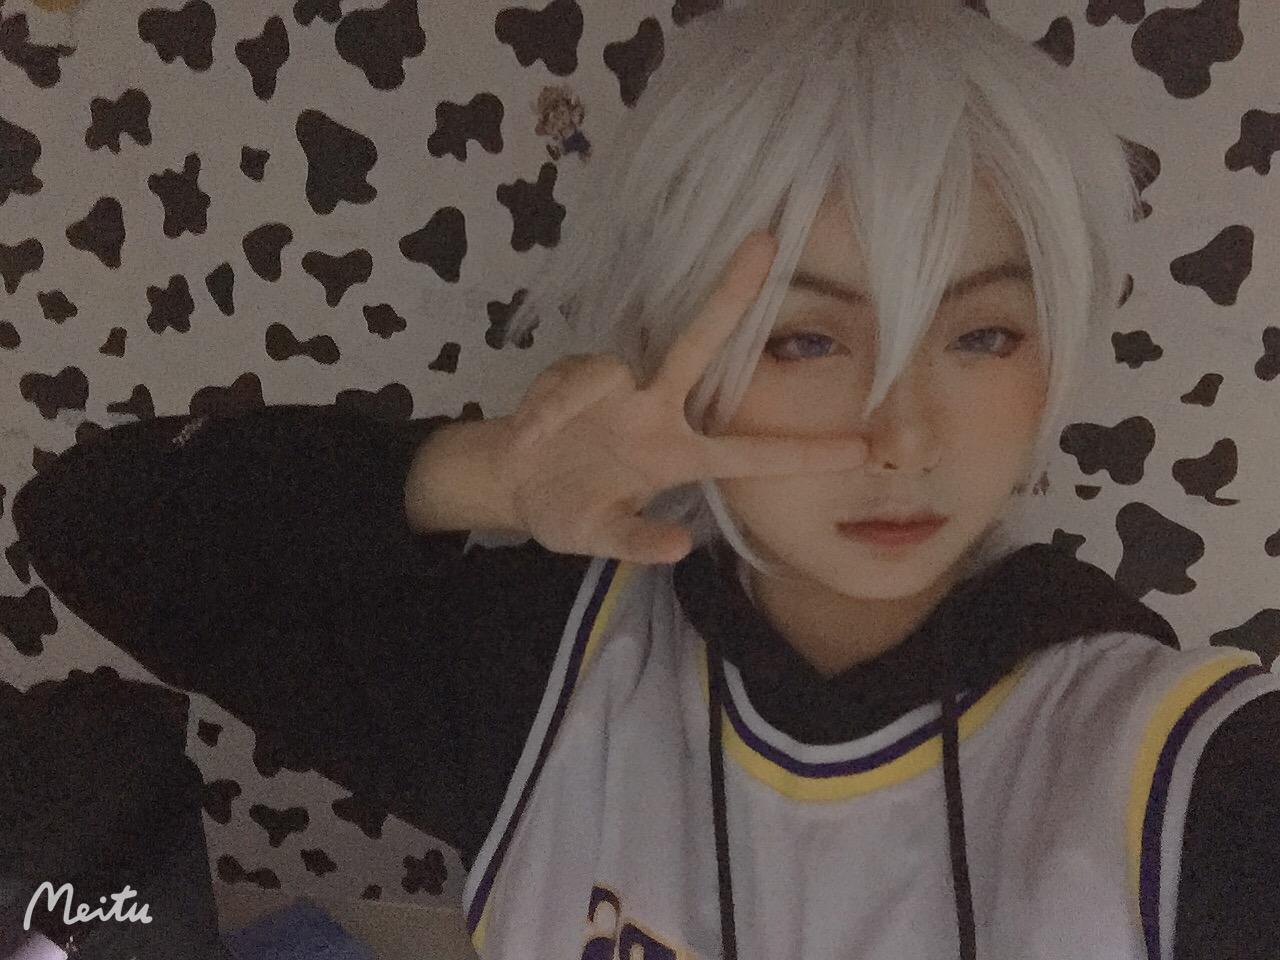 《凹凸世界》雷狮cosplay【CN:白逸...】-第7张